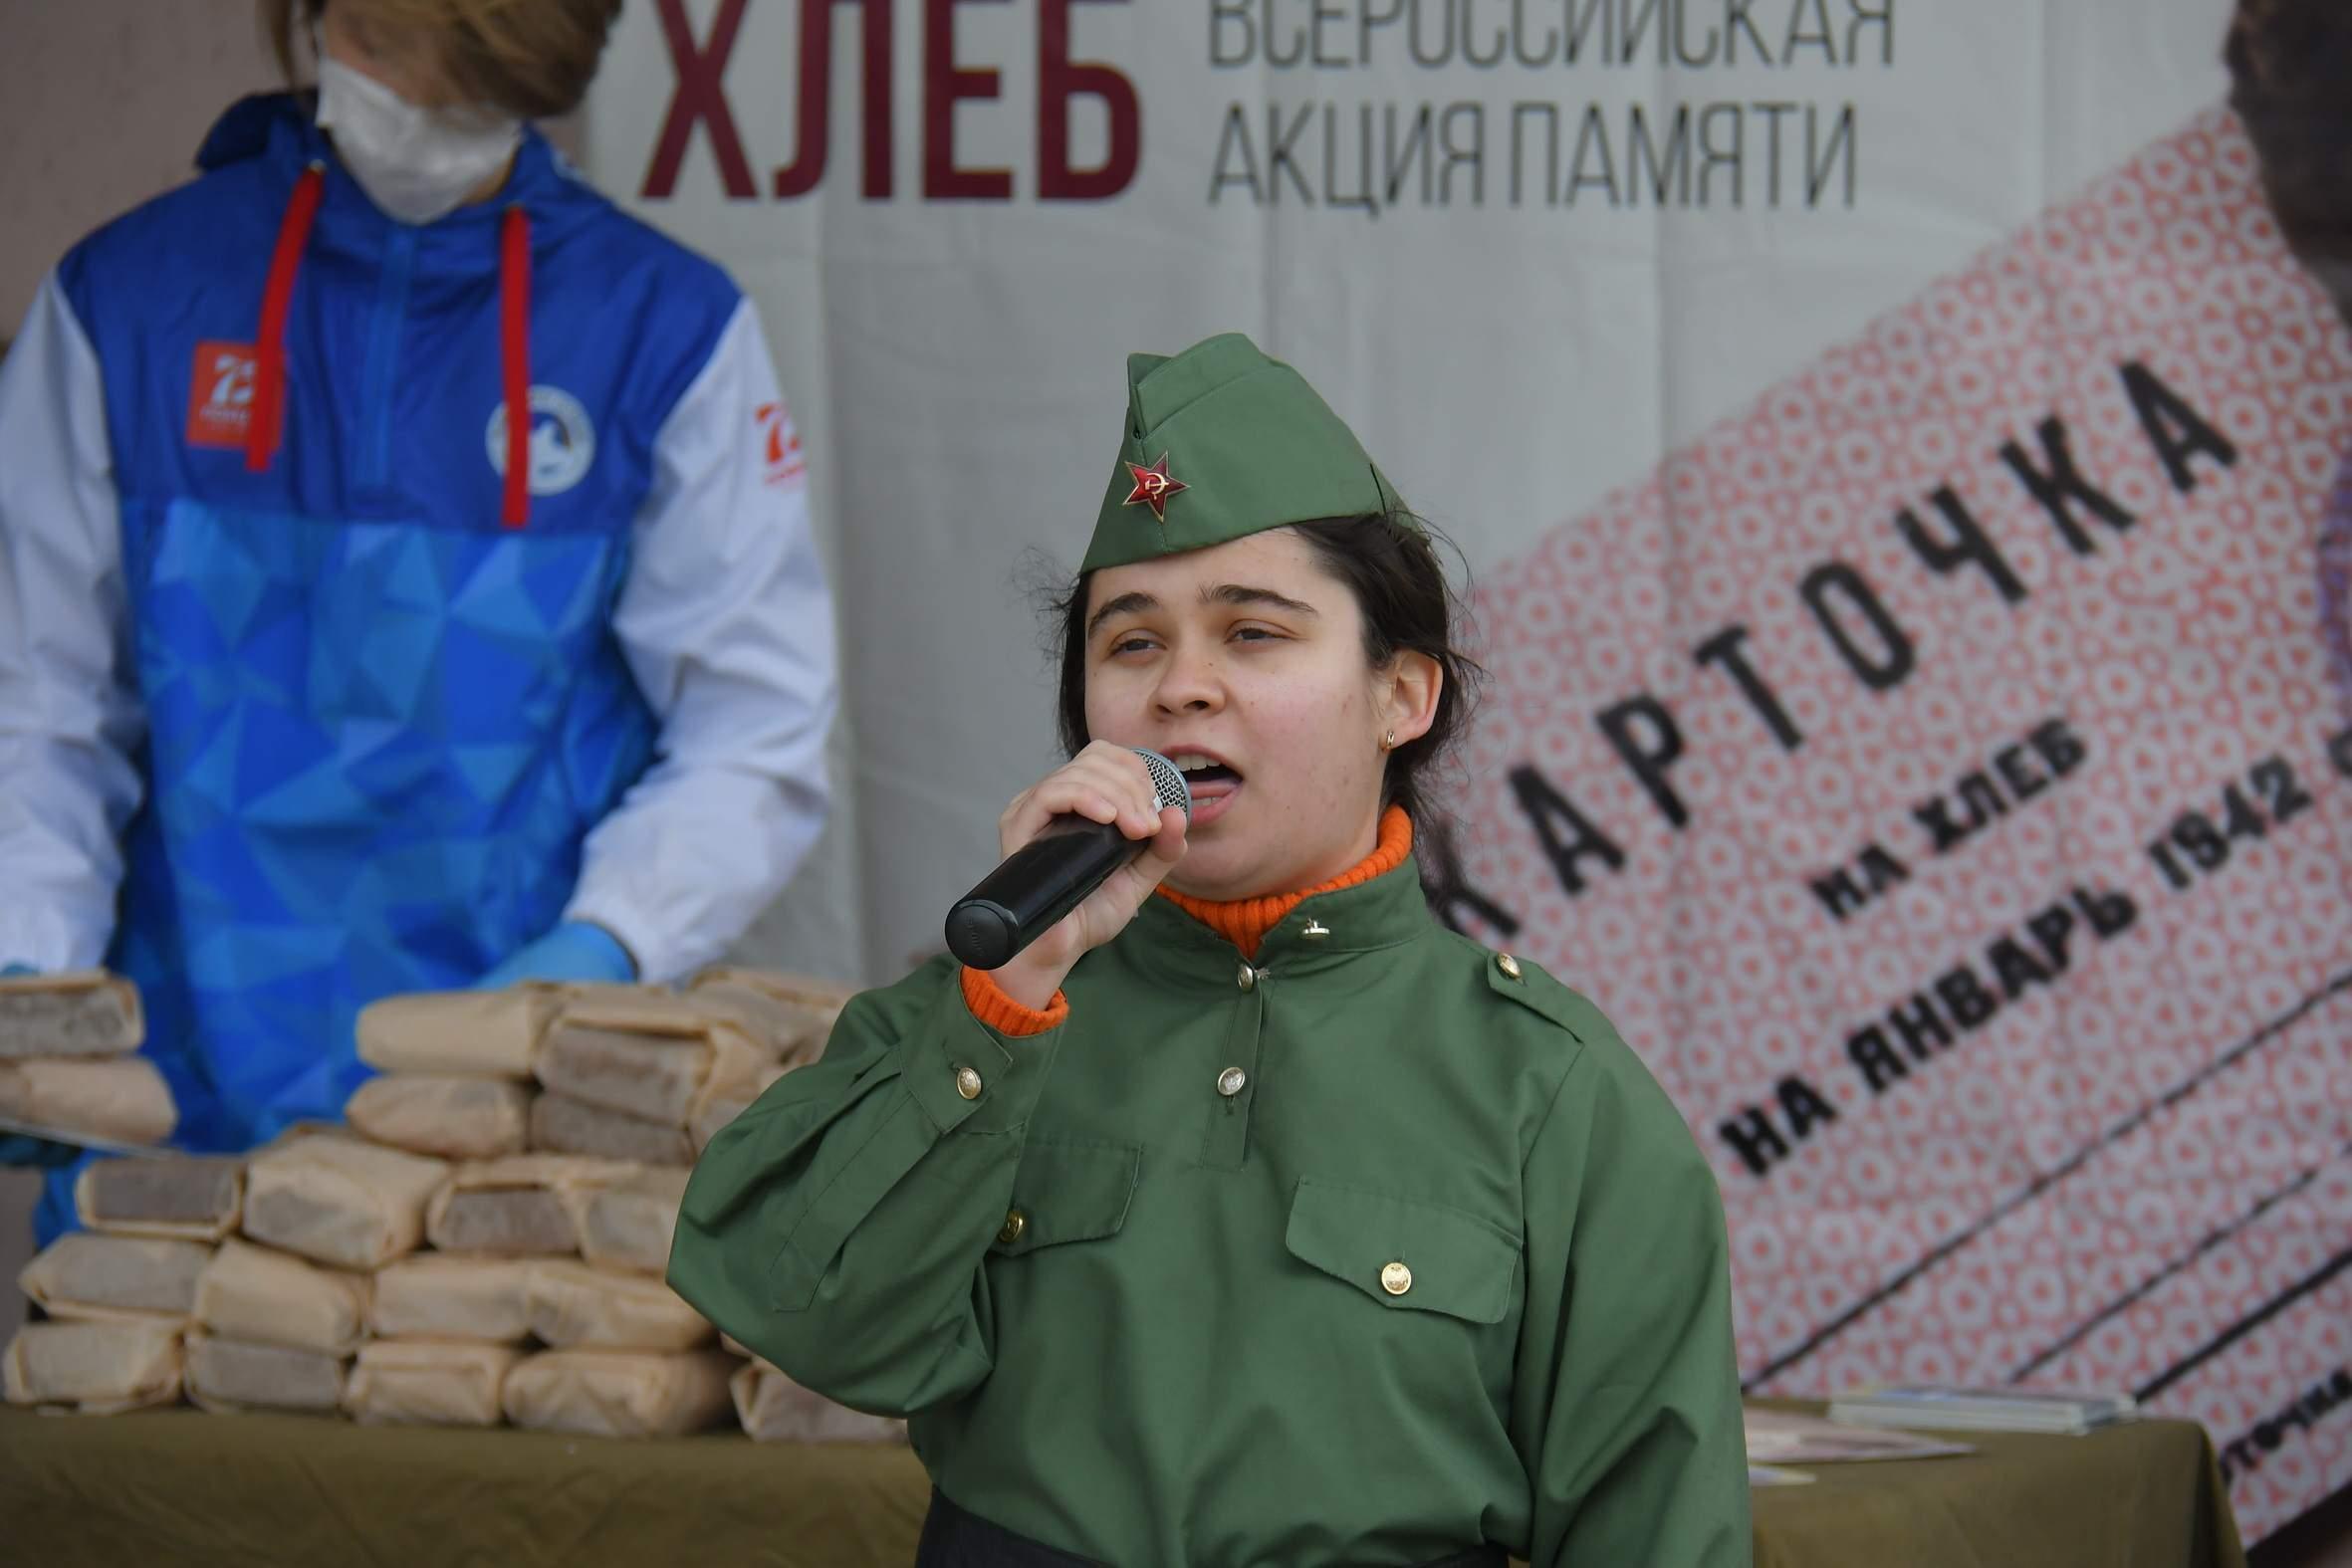 Новороссийцы вспомнили блокадный Ленинград